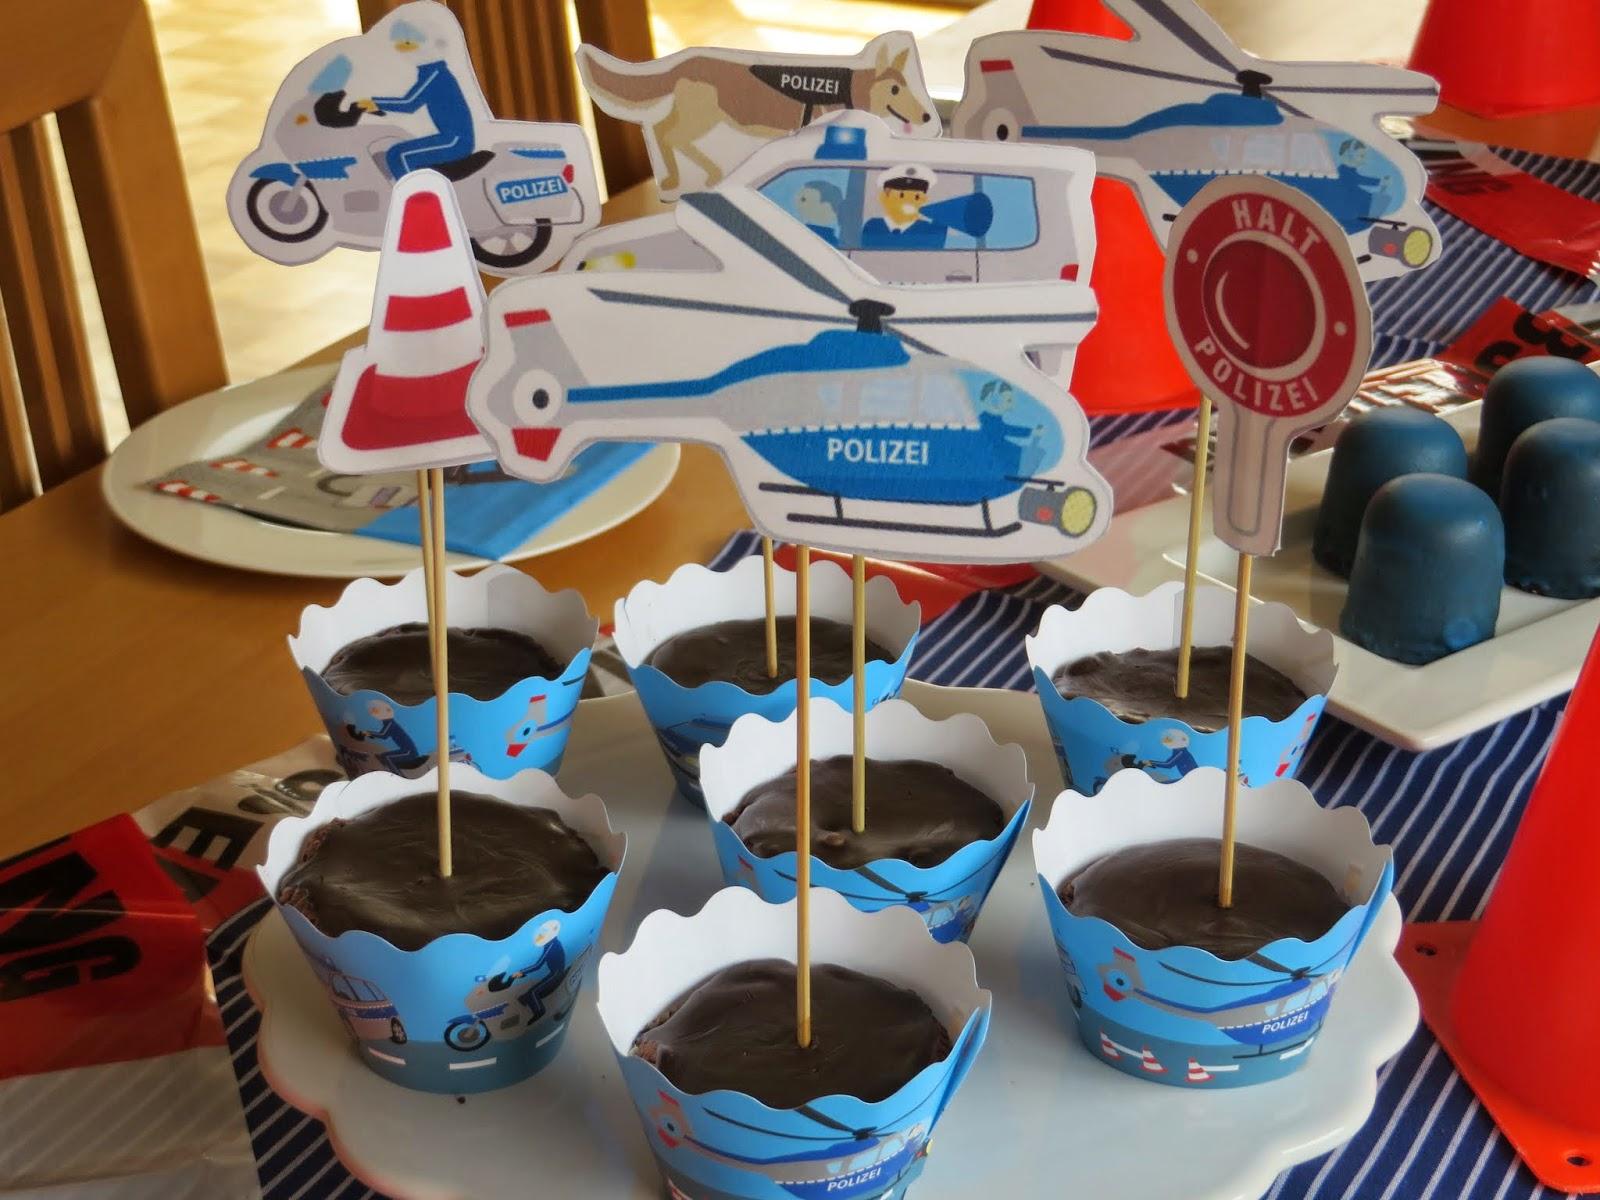 Polizei Kuchen Kindergeburtstag Deko Ideen Kuchen Kindergeburtstag